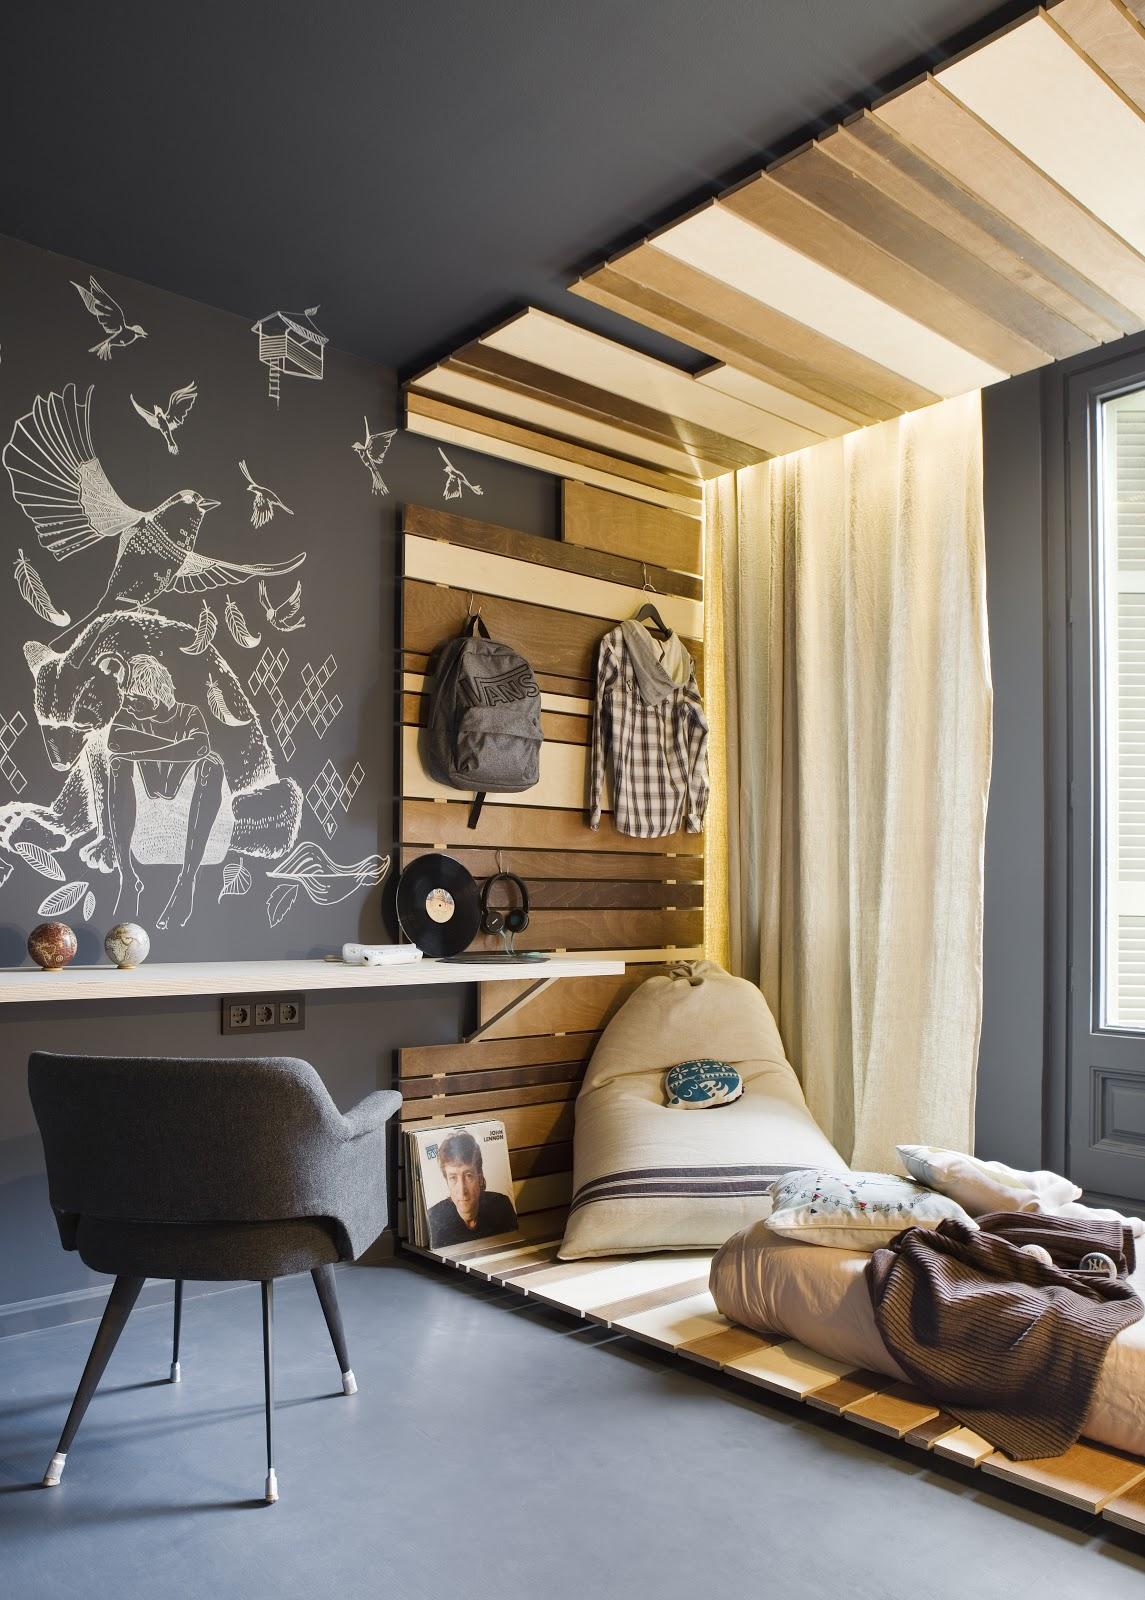 Dormitorios juveniles modernos decorados